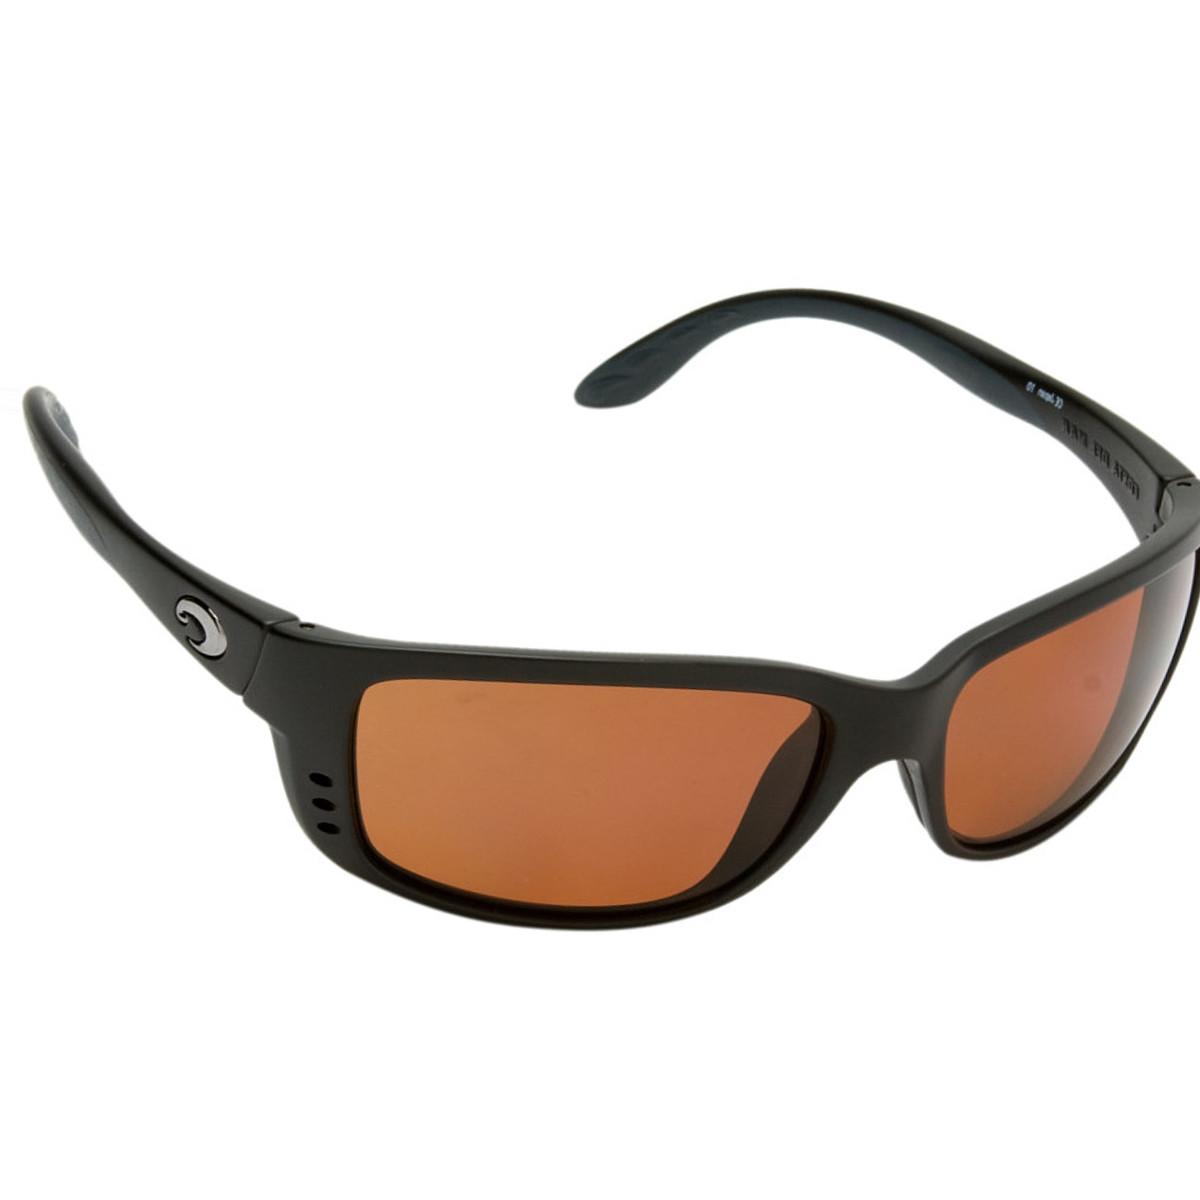 Costa Zane Polarized 580P Sunglasses - Women's